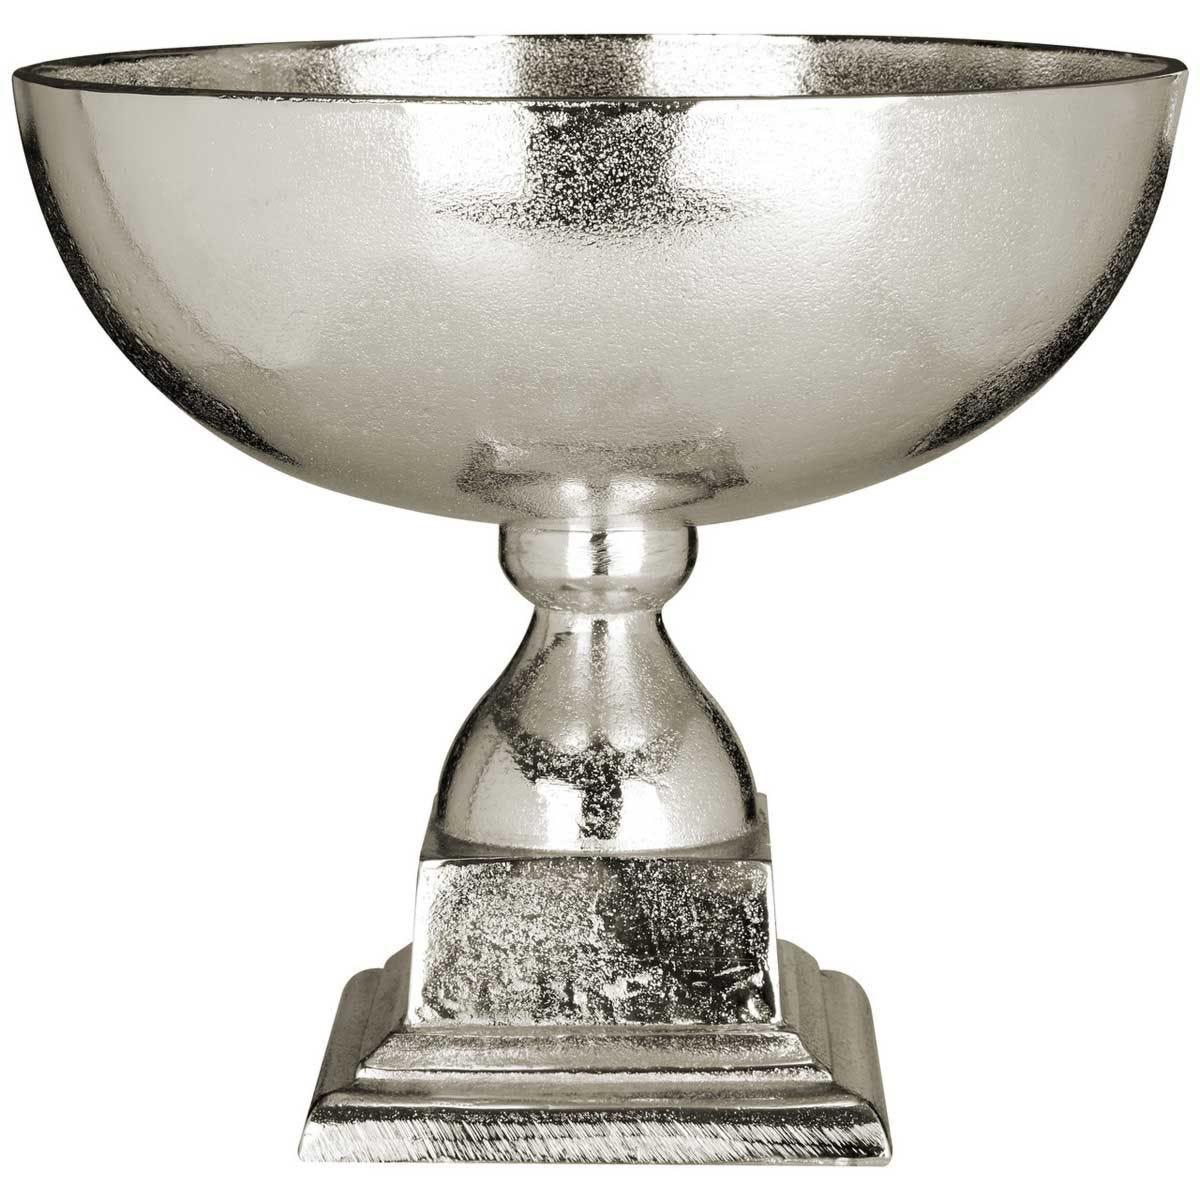 Premier Housewares Kensington Townhouse Large Bowl